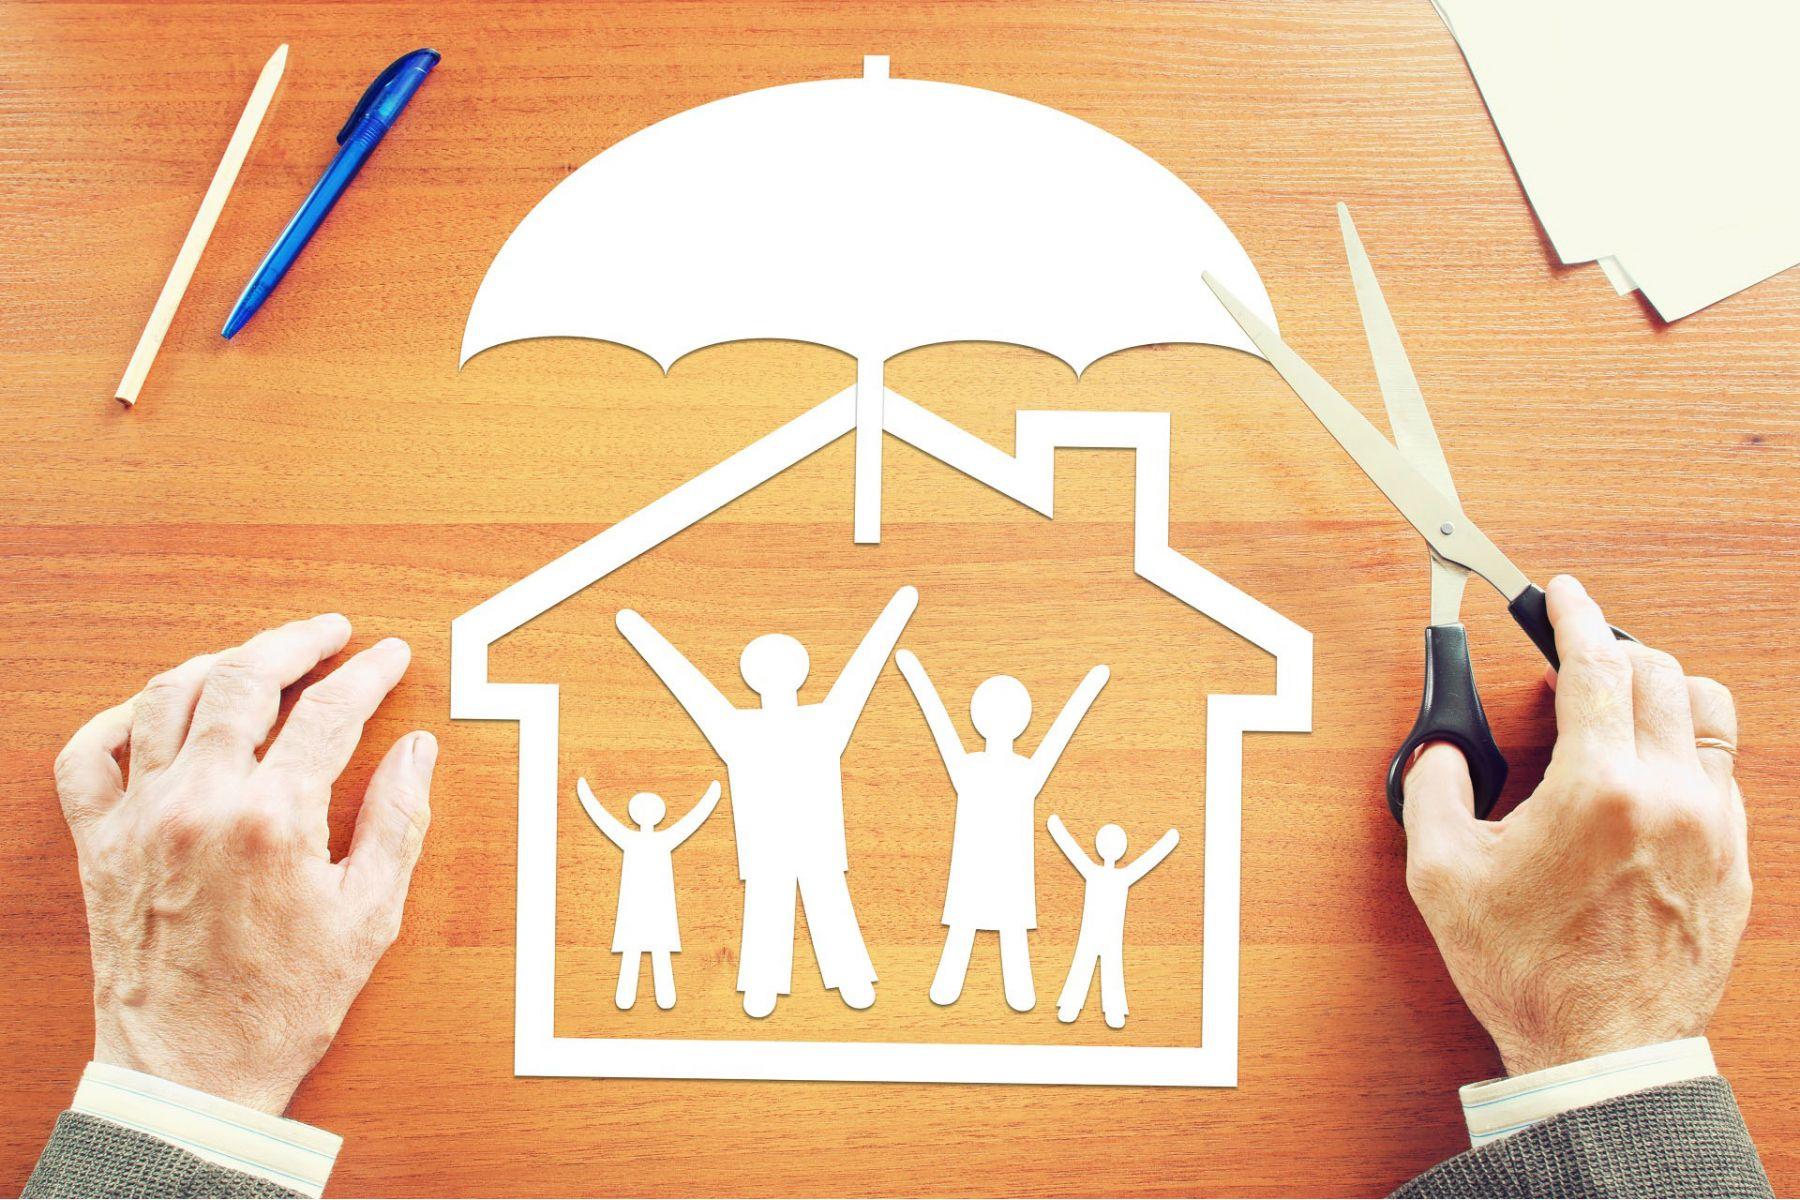 保障為主,儲蓄為輔...年終保單健診掌握這3個原則